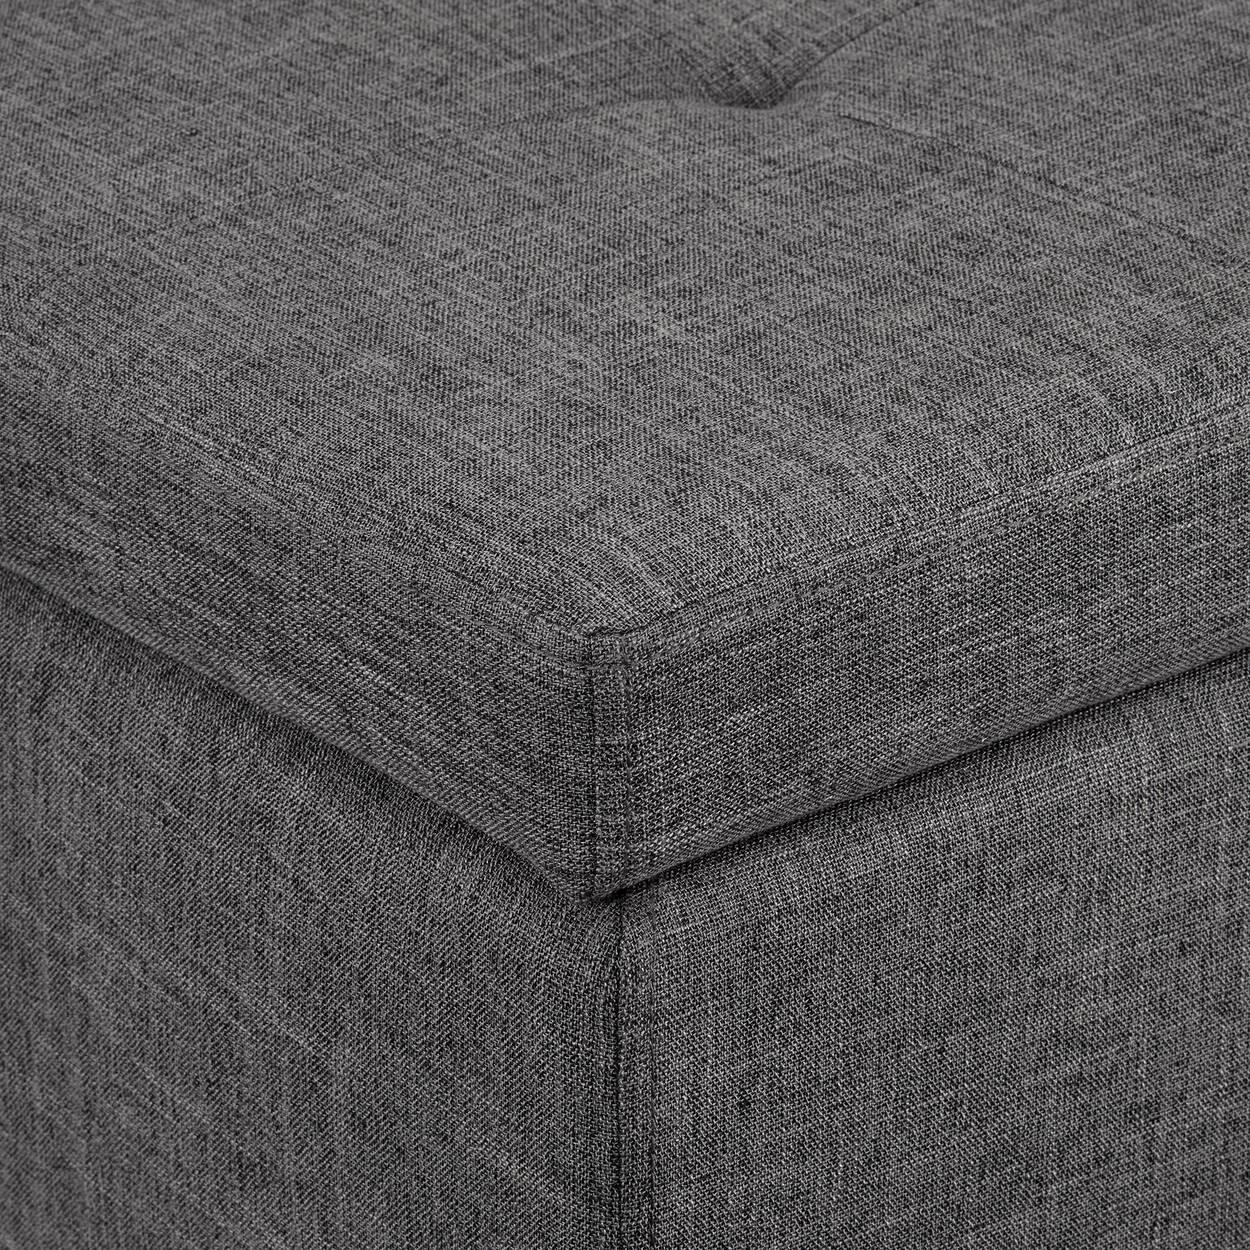 Chita Fabric and Wood Storage Ottoman